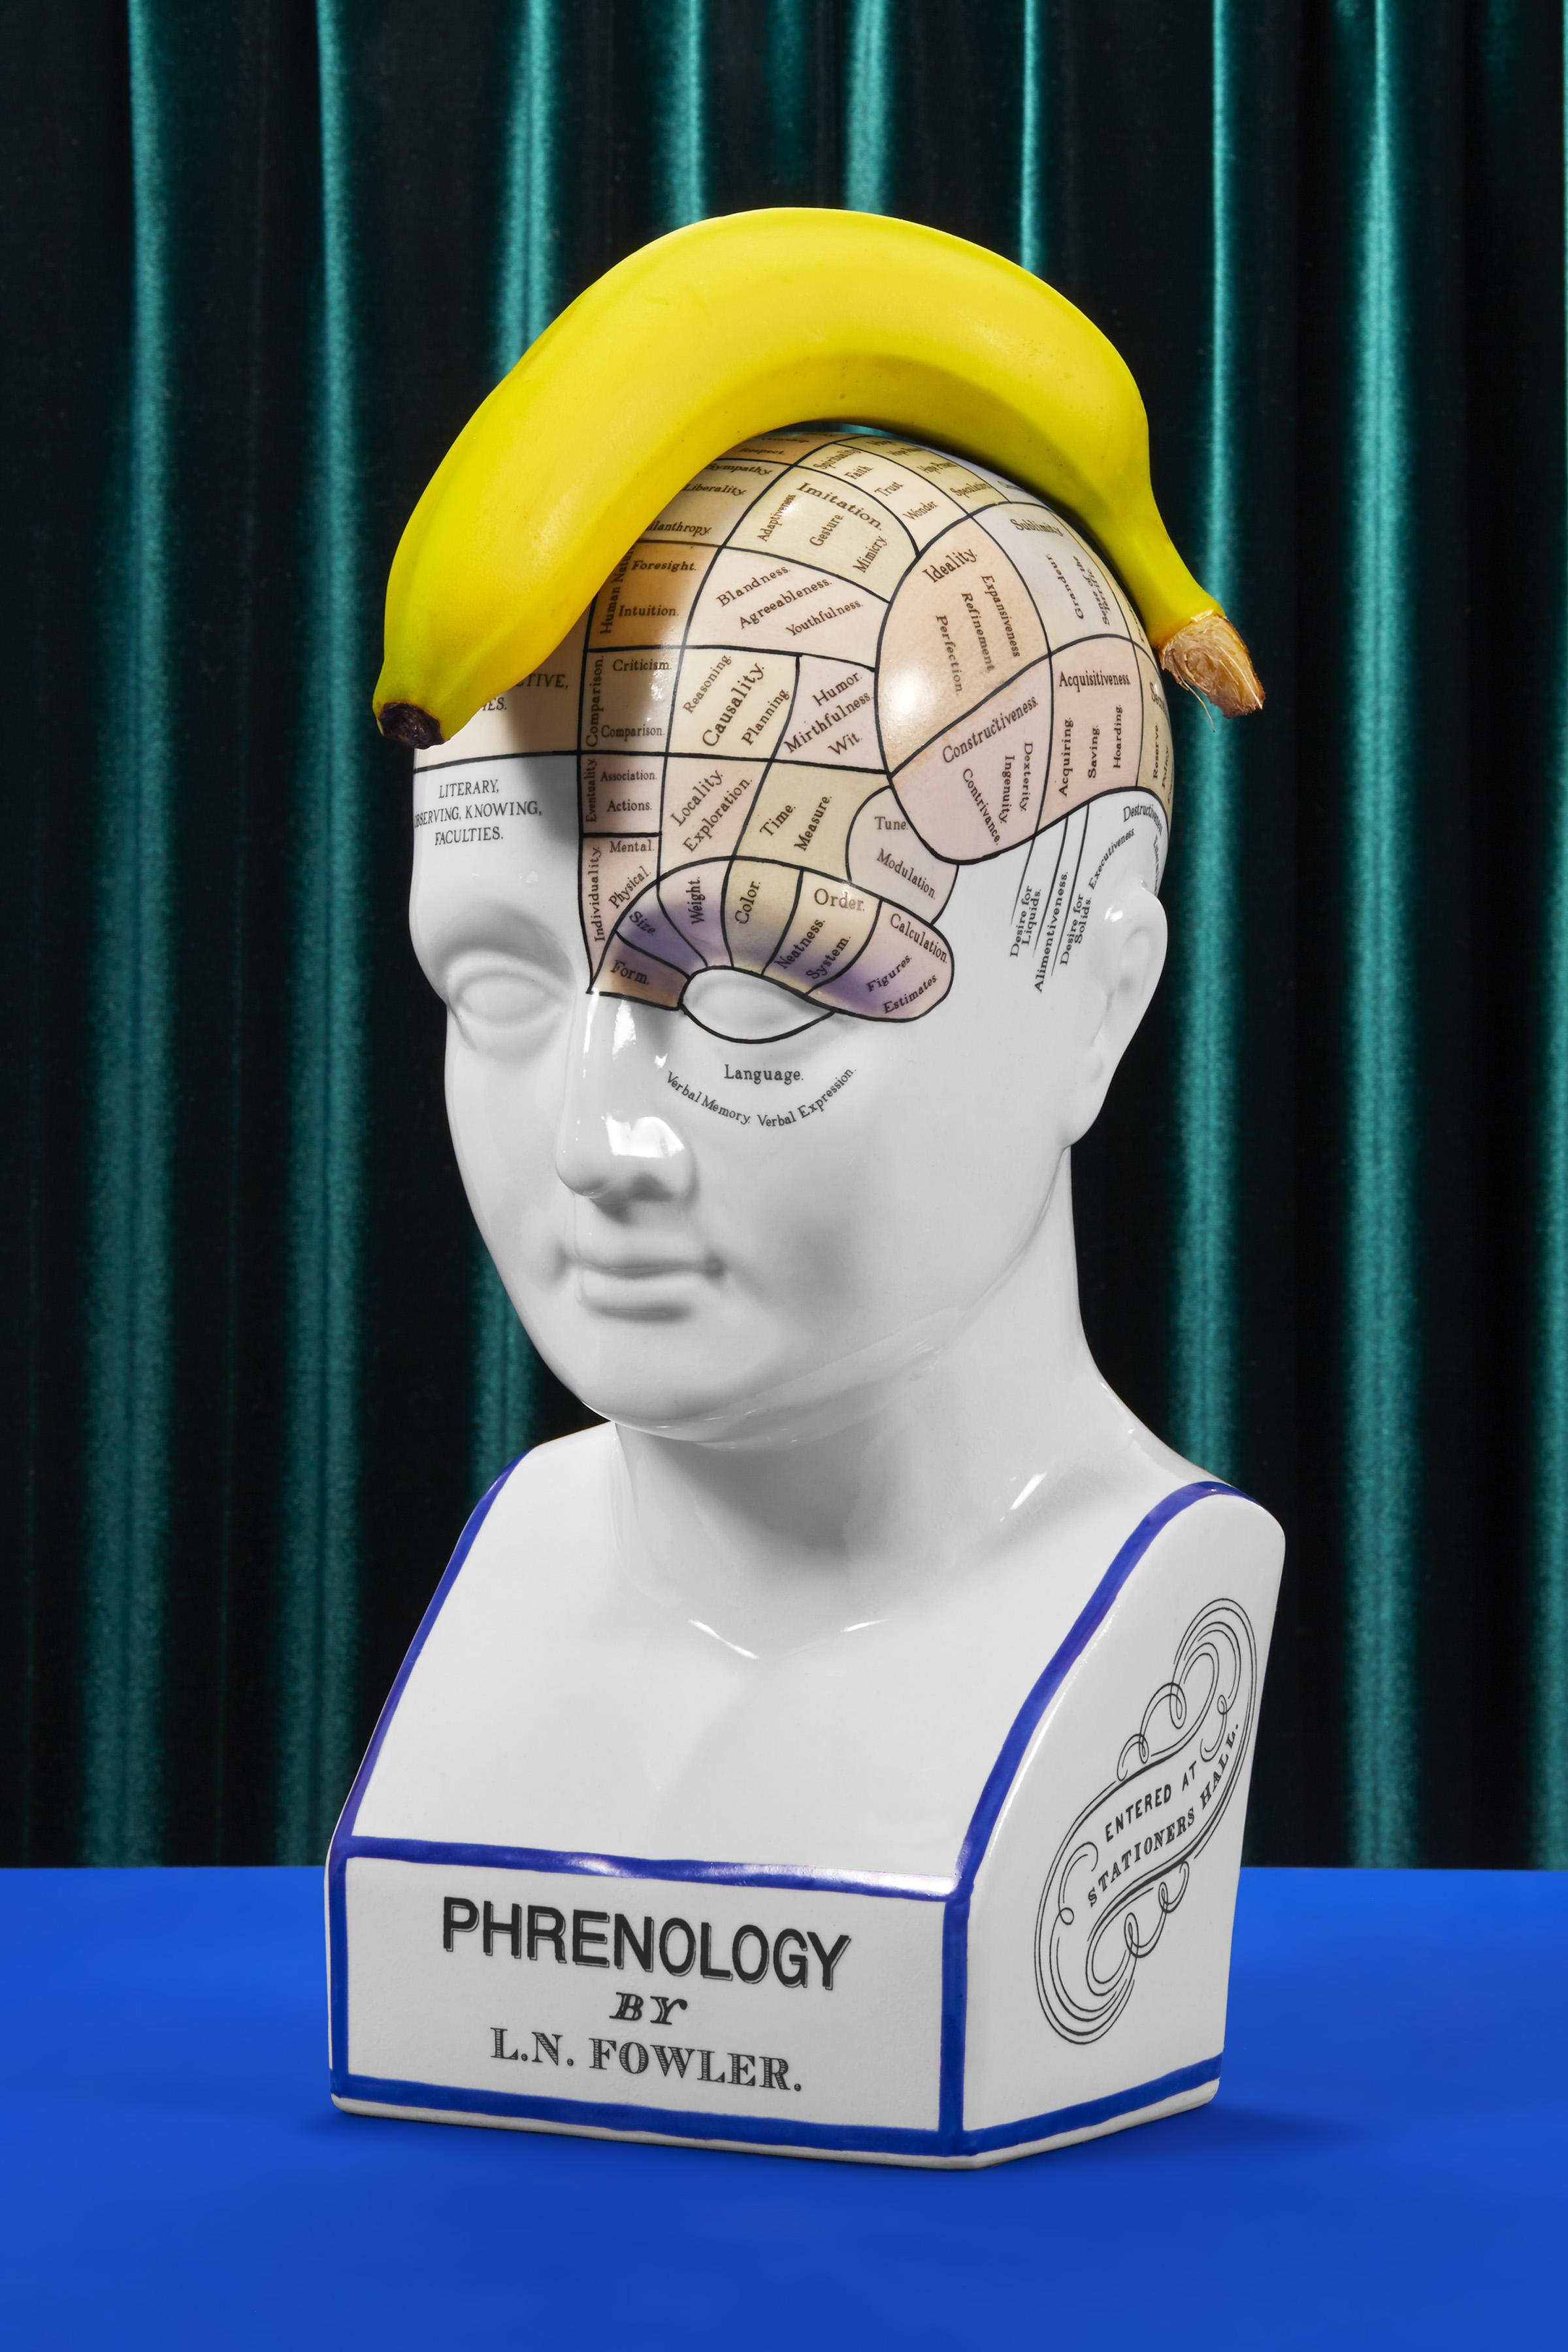 Phernology0415_8x12.jpg